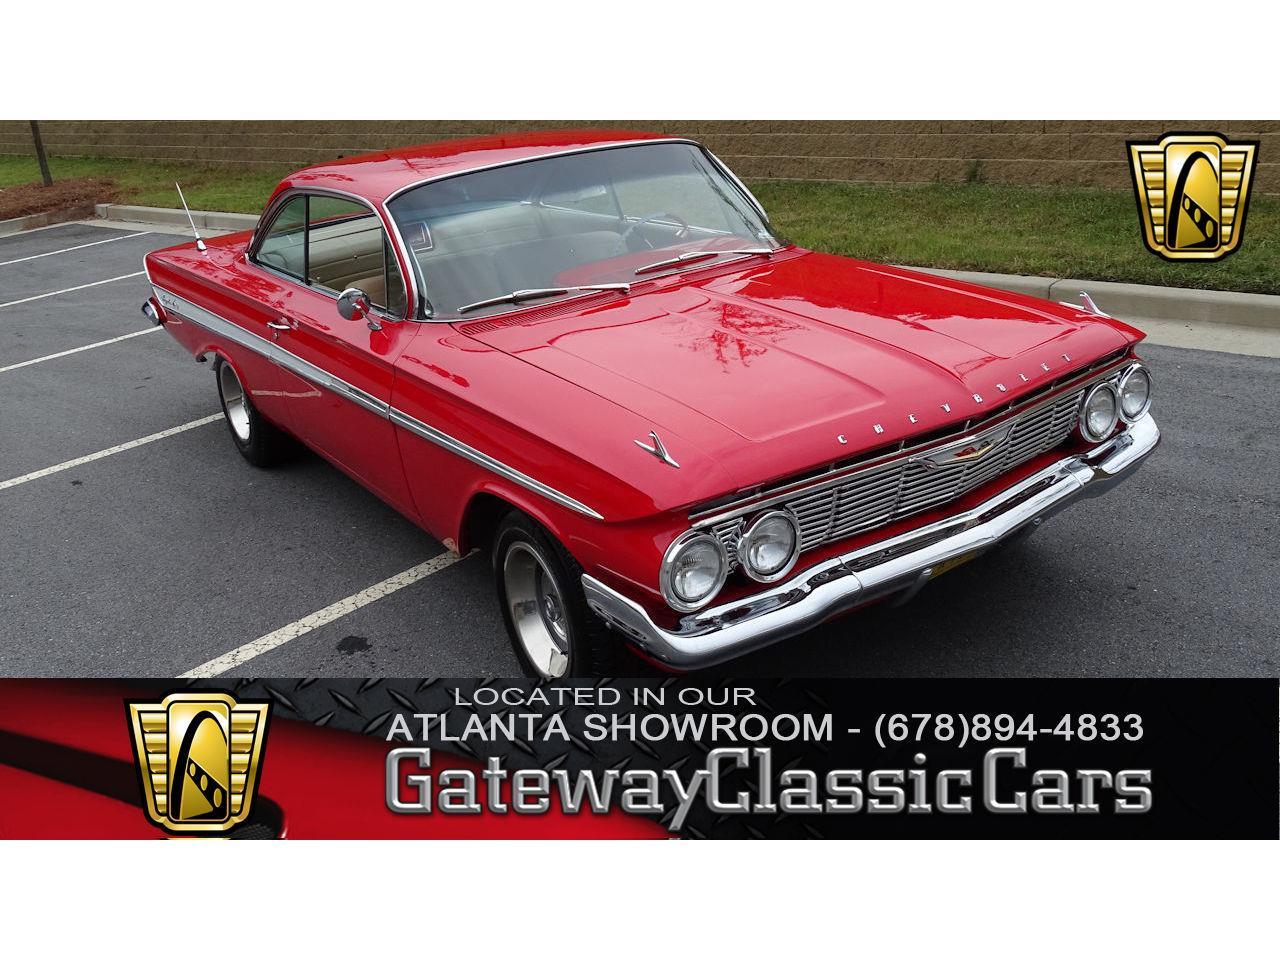 For Sale: 1961 Chevrolet Impala in Alpharetta, Georgia